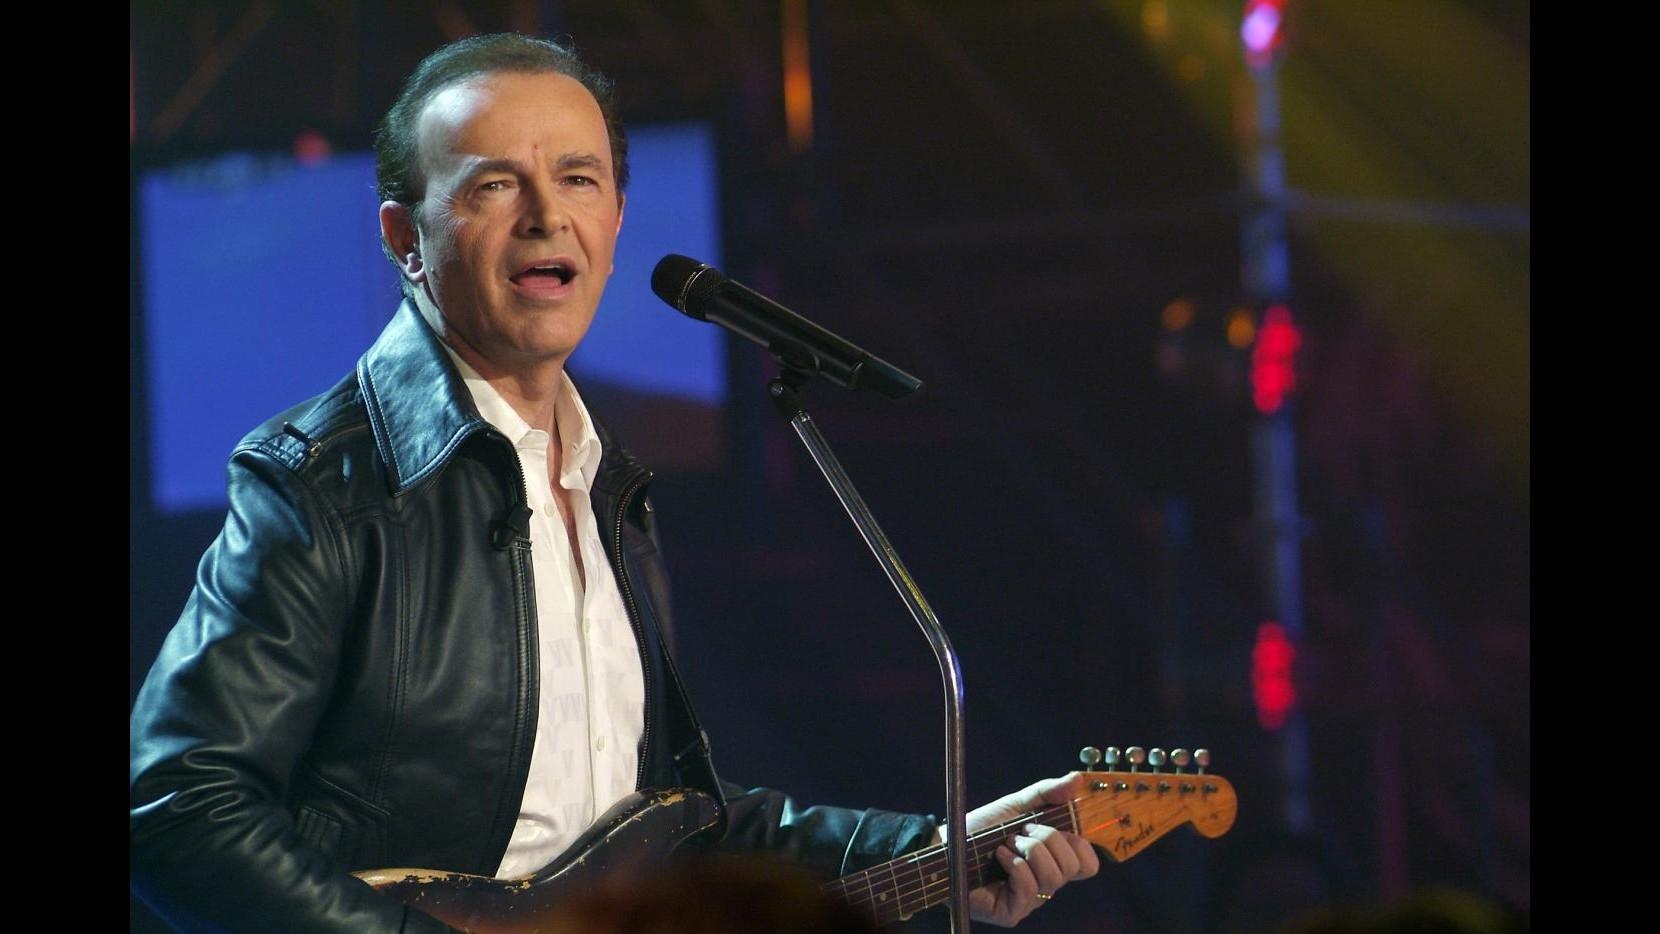 Venerdì esce nuovo disco di Dodi Battaglia: 'Dov'è andata la musica'